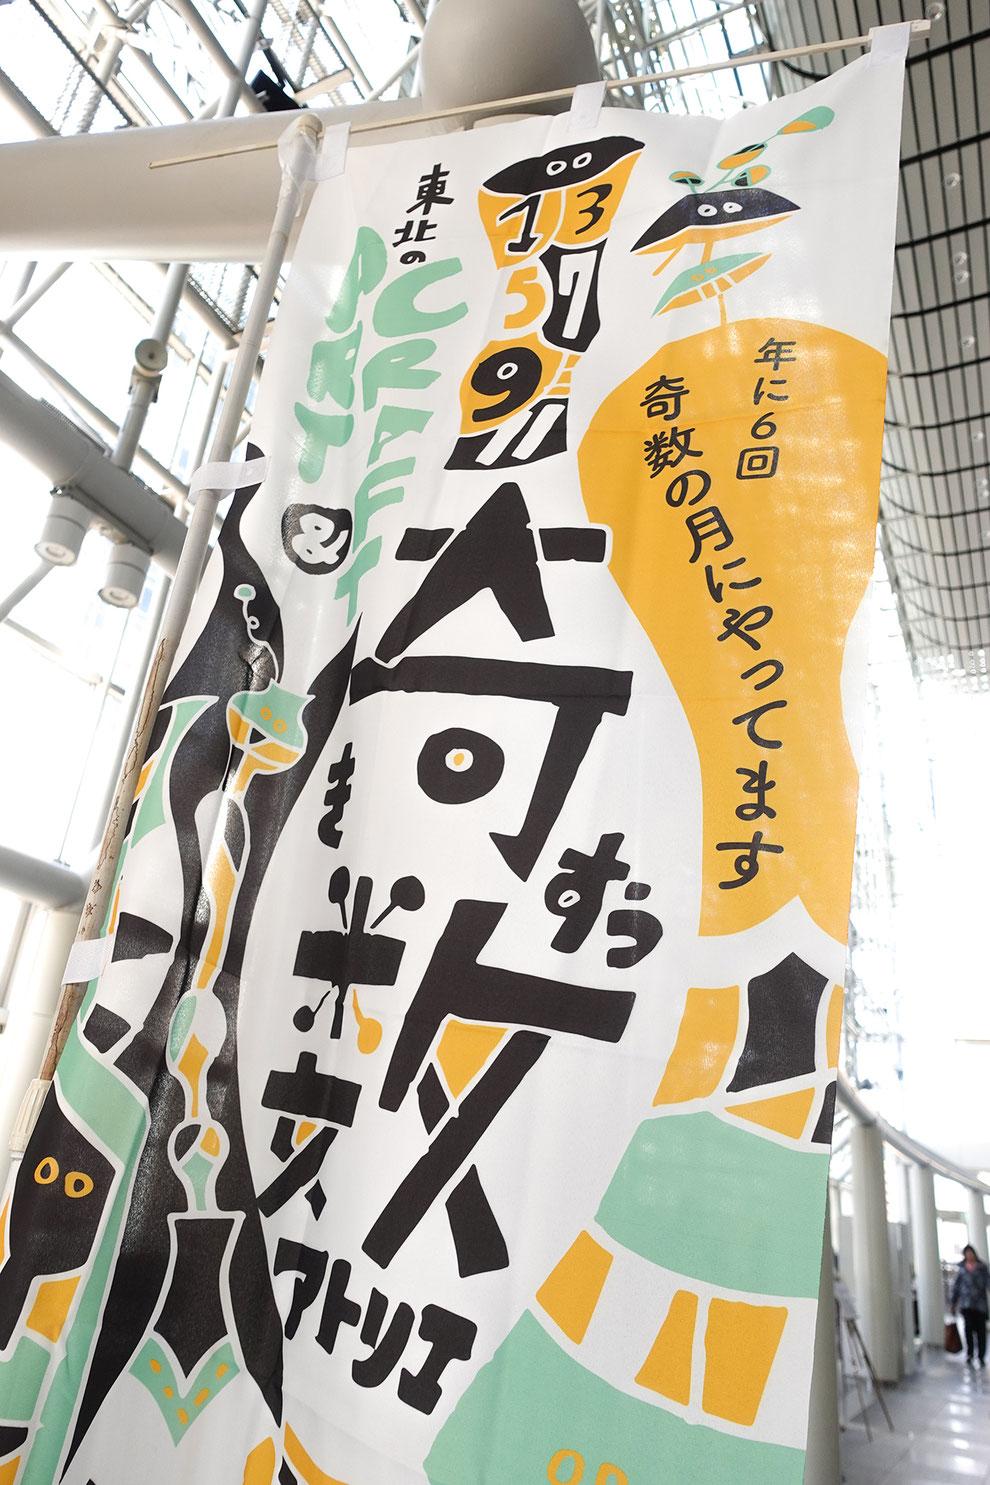 仙台 AER アエル 2階アトリウム 奇数アトリエ